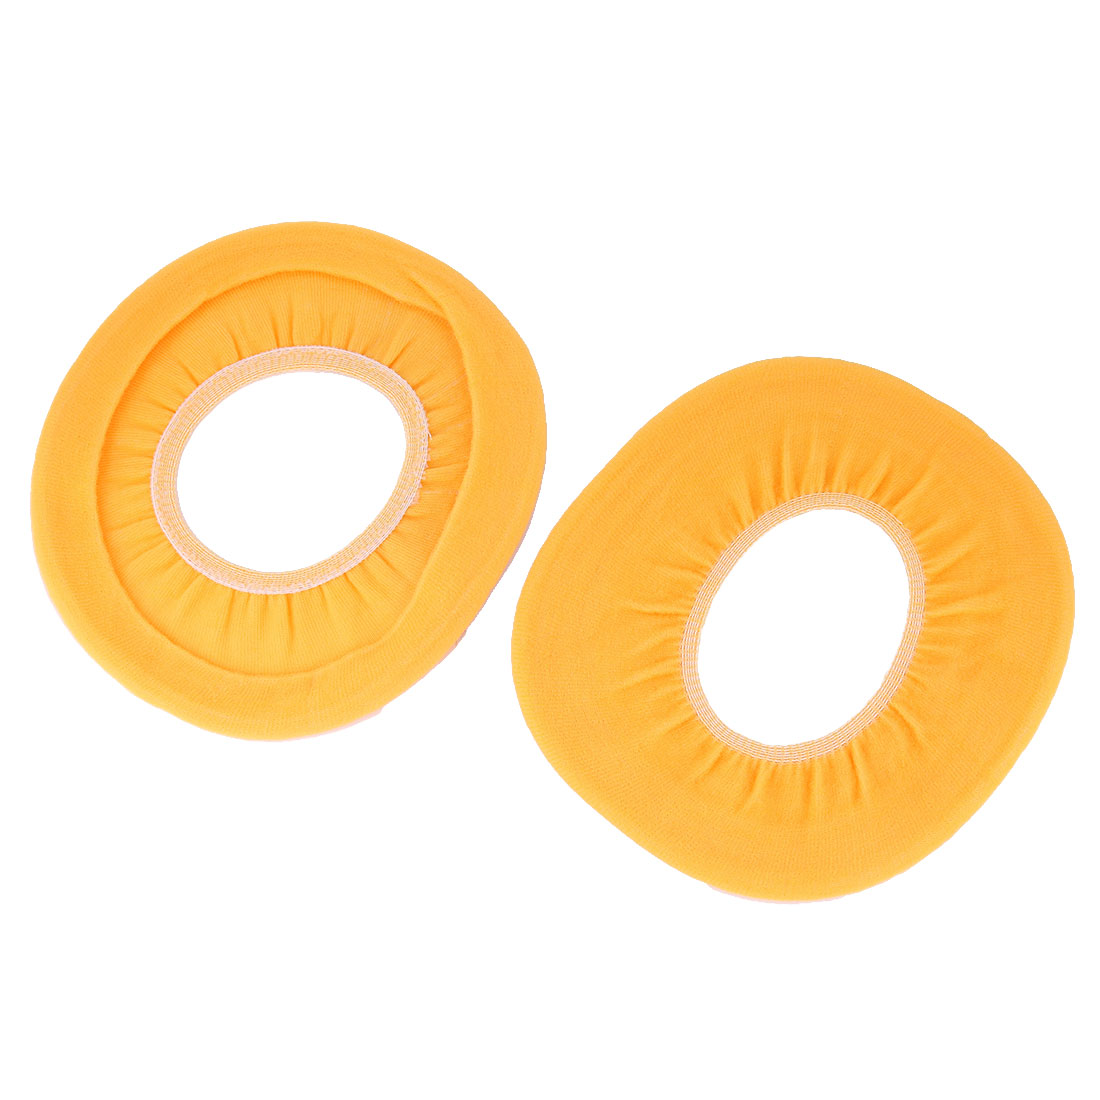 Unique Bargains 2 Pcs Cotton Blends Soft Warm Washable Closestool Toilet  Lid Cover Yellow